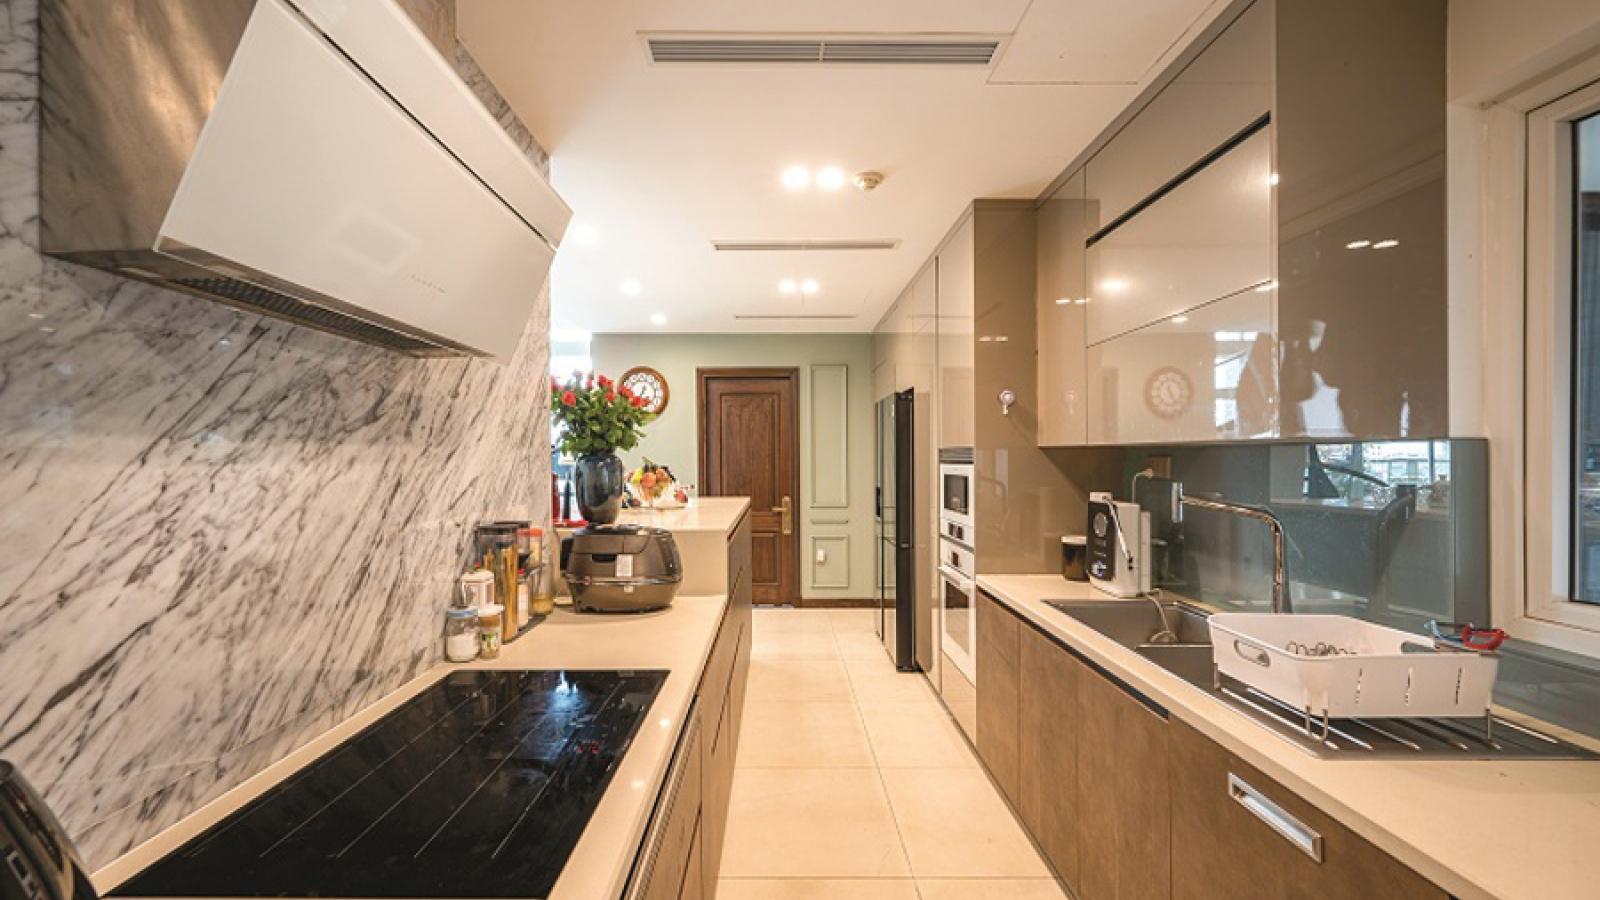 Căn hộ duplex đẹp sang trọng với phong cách tân cổ điển